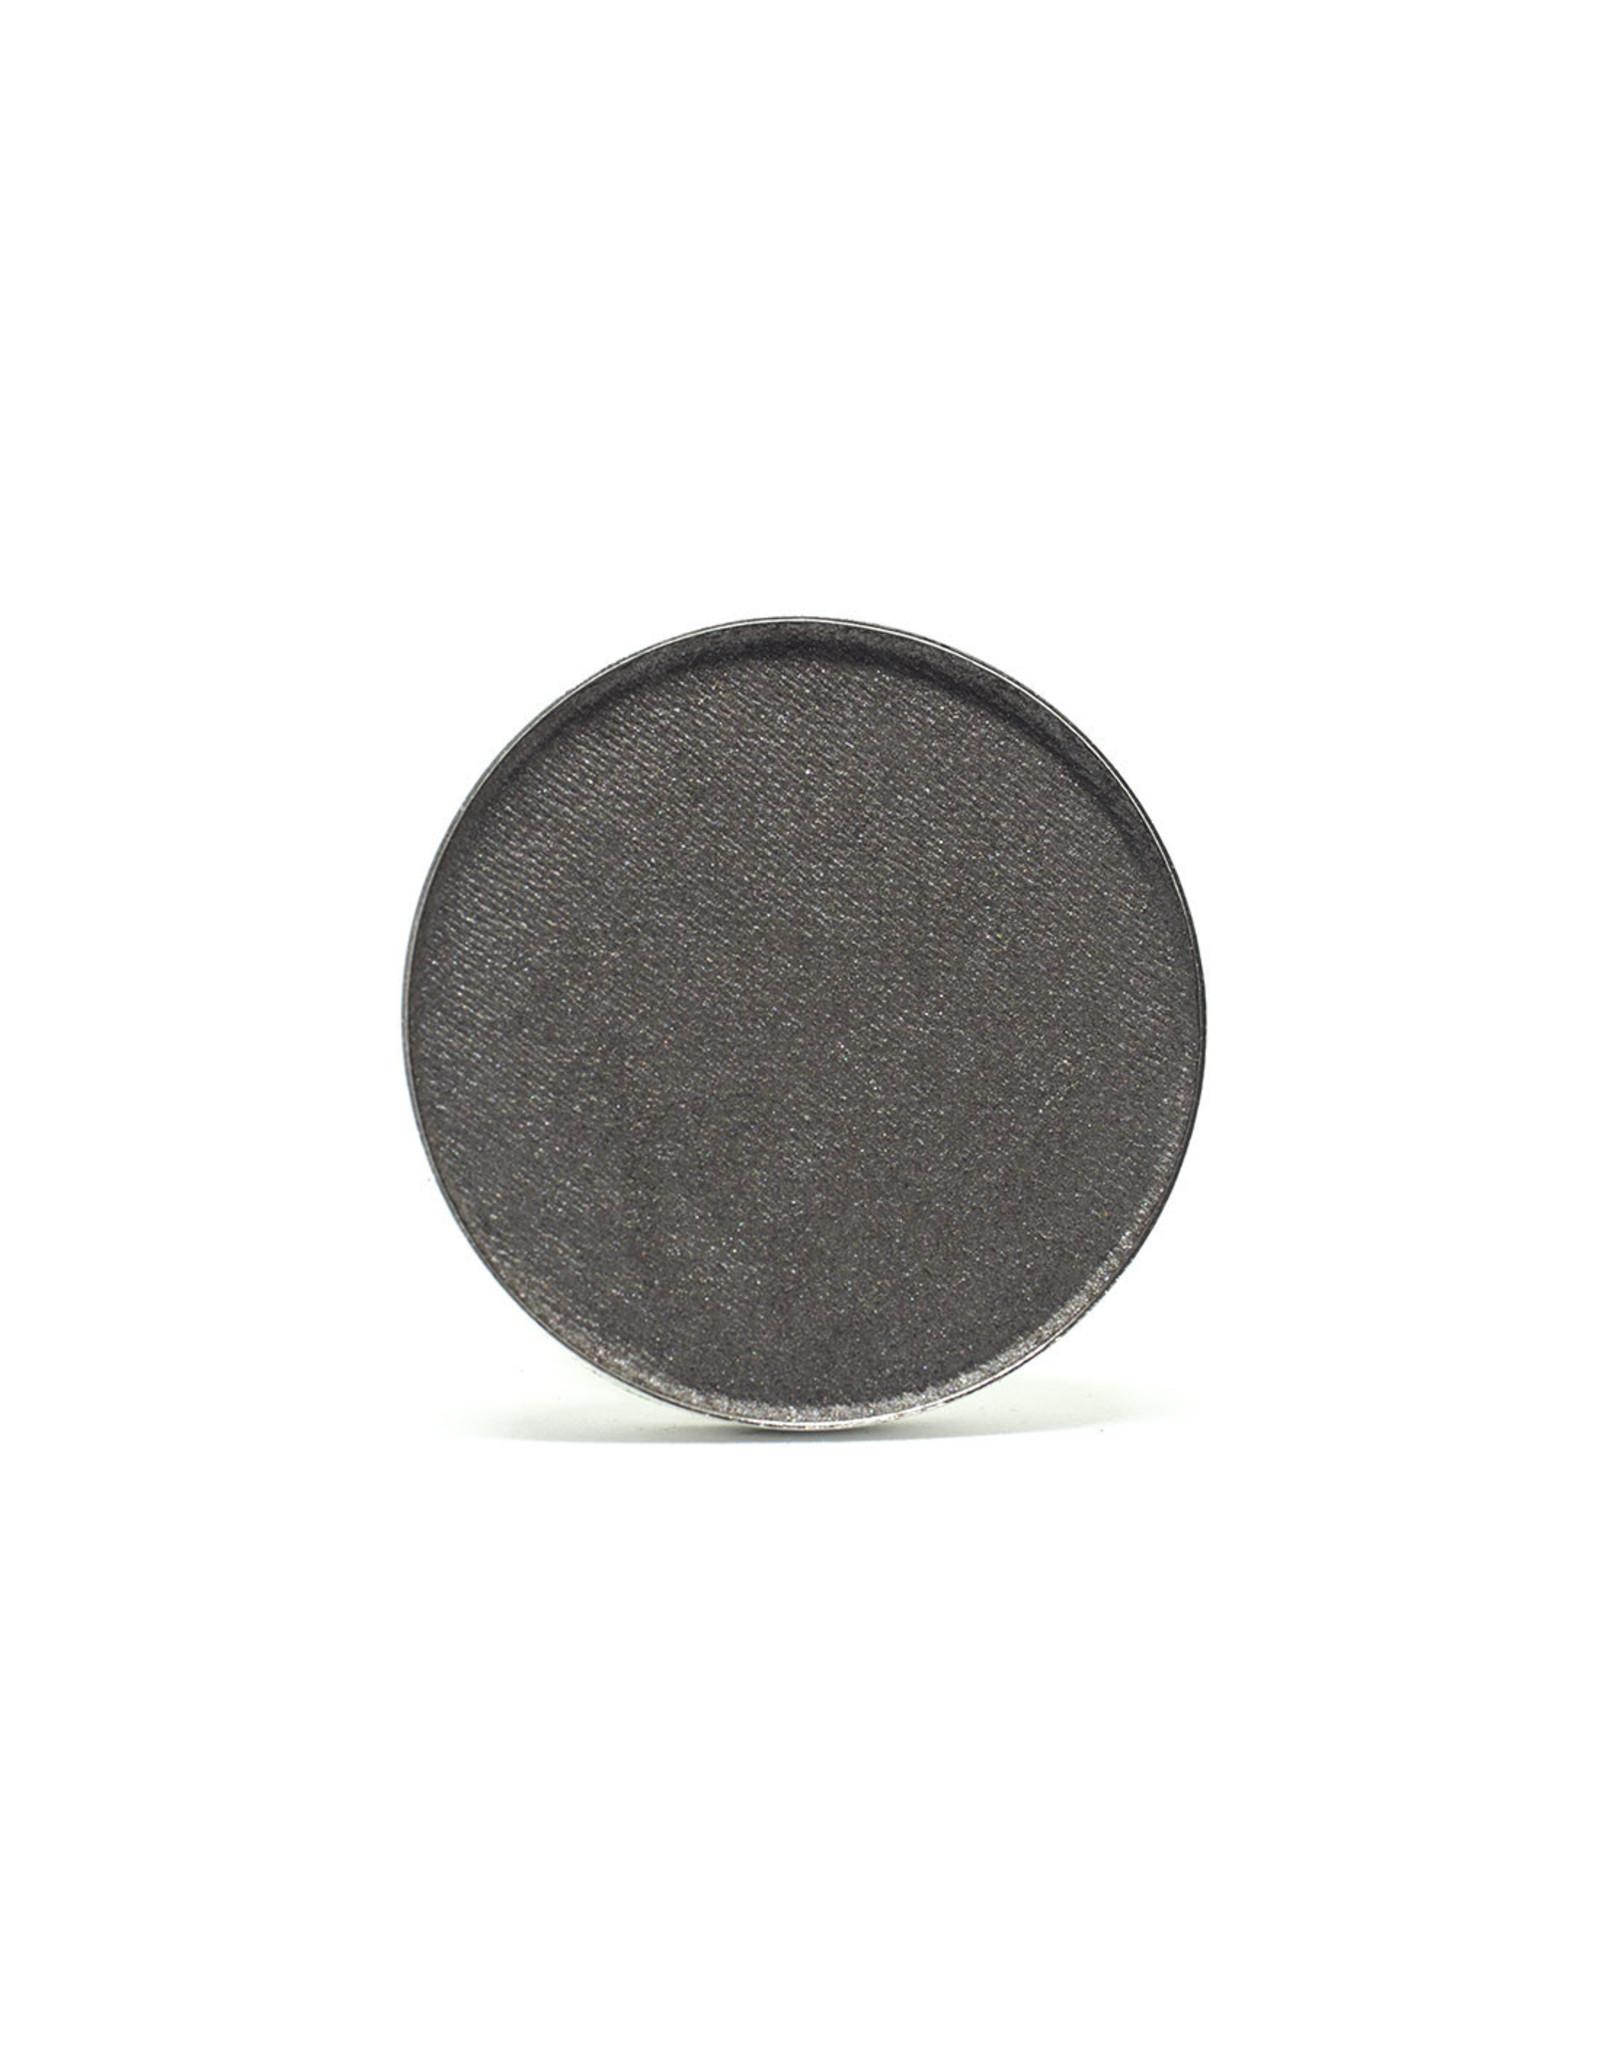 Elate Cosmetics Elate Create Pressed Eye Colour - Stone